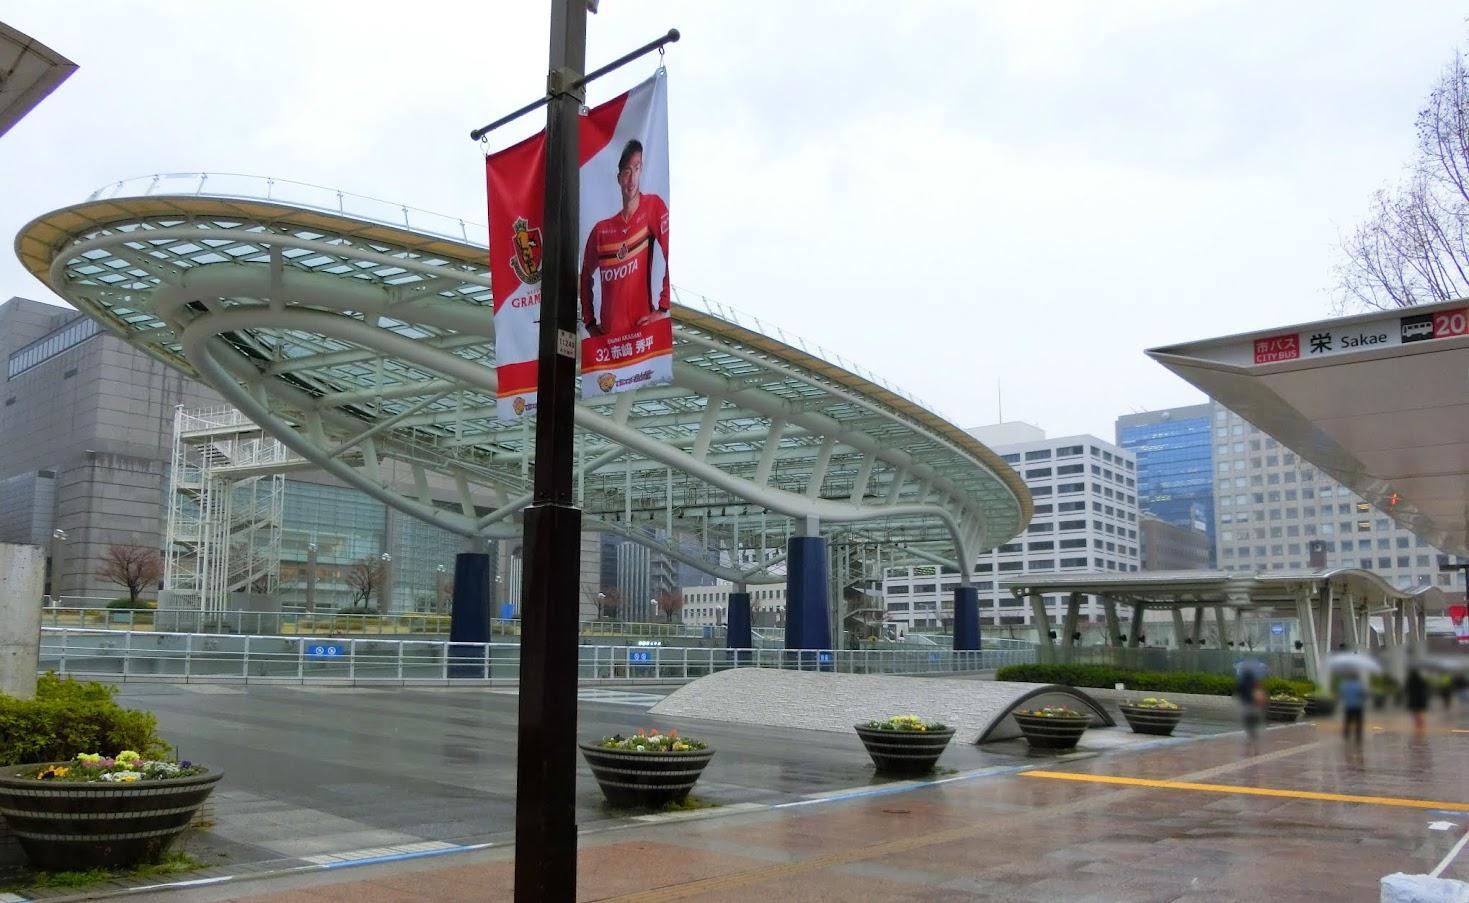 名古屋市の中心部さかえオアシス21のバスターミナル路上のりば